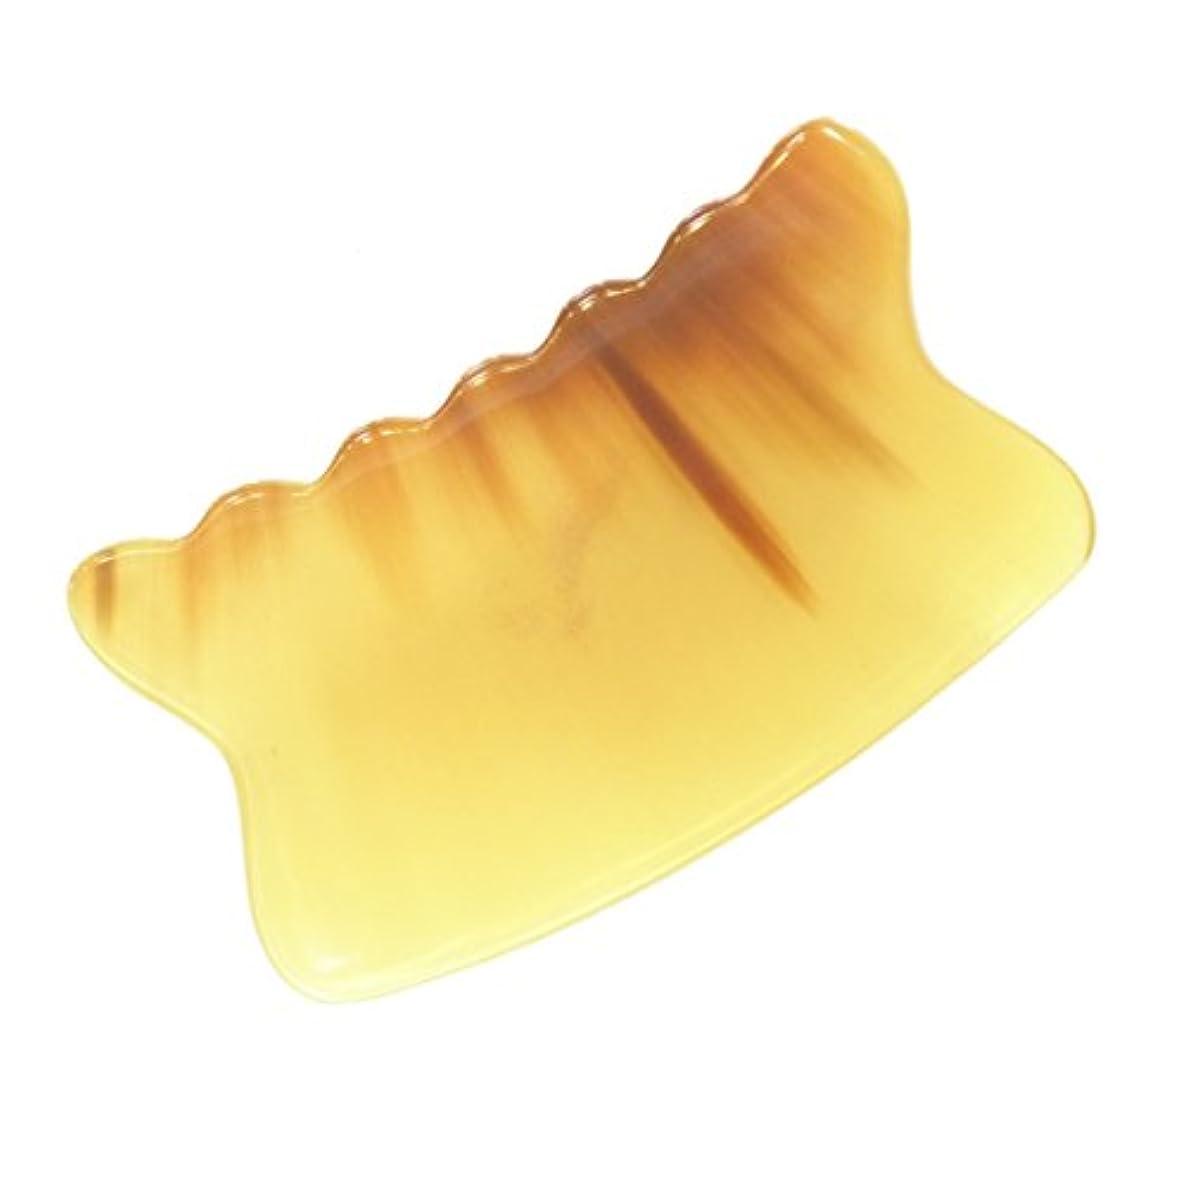 吸収剤利点わがままかっさ プレート 厚さが選べる 水牛の角(黄水牛角) EHE226SP 曲波型 特級品 厚め(6ミリ程度)